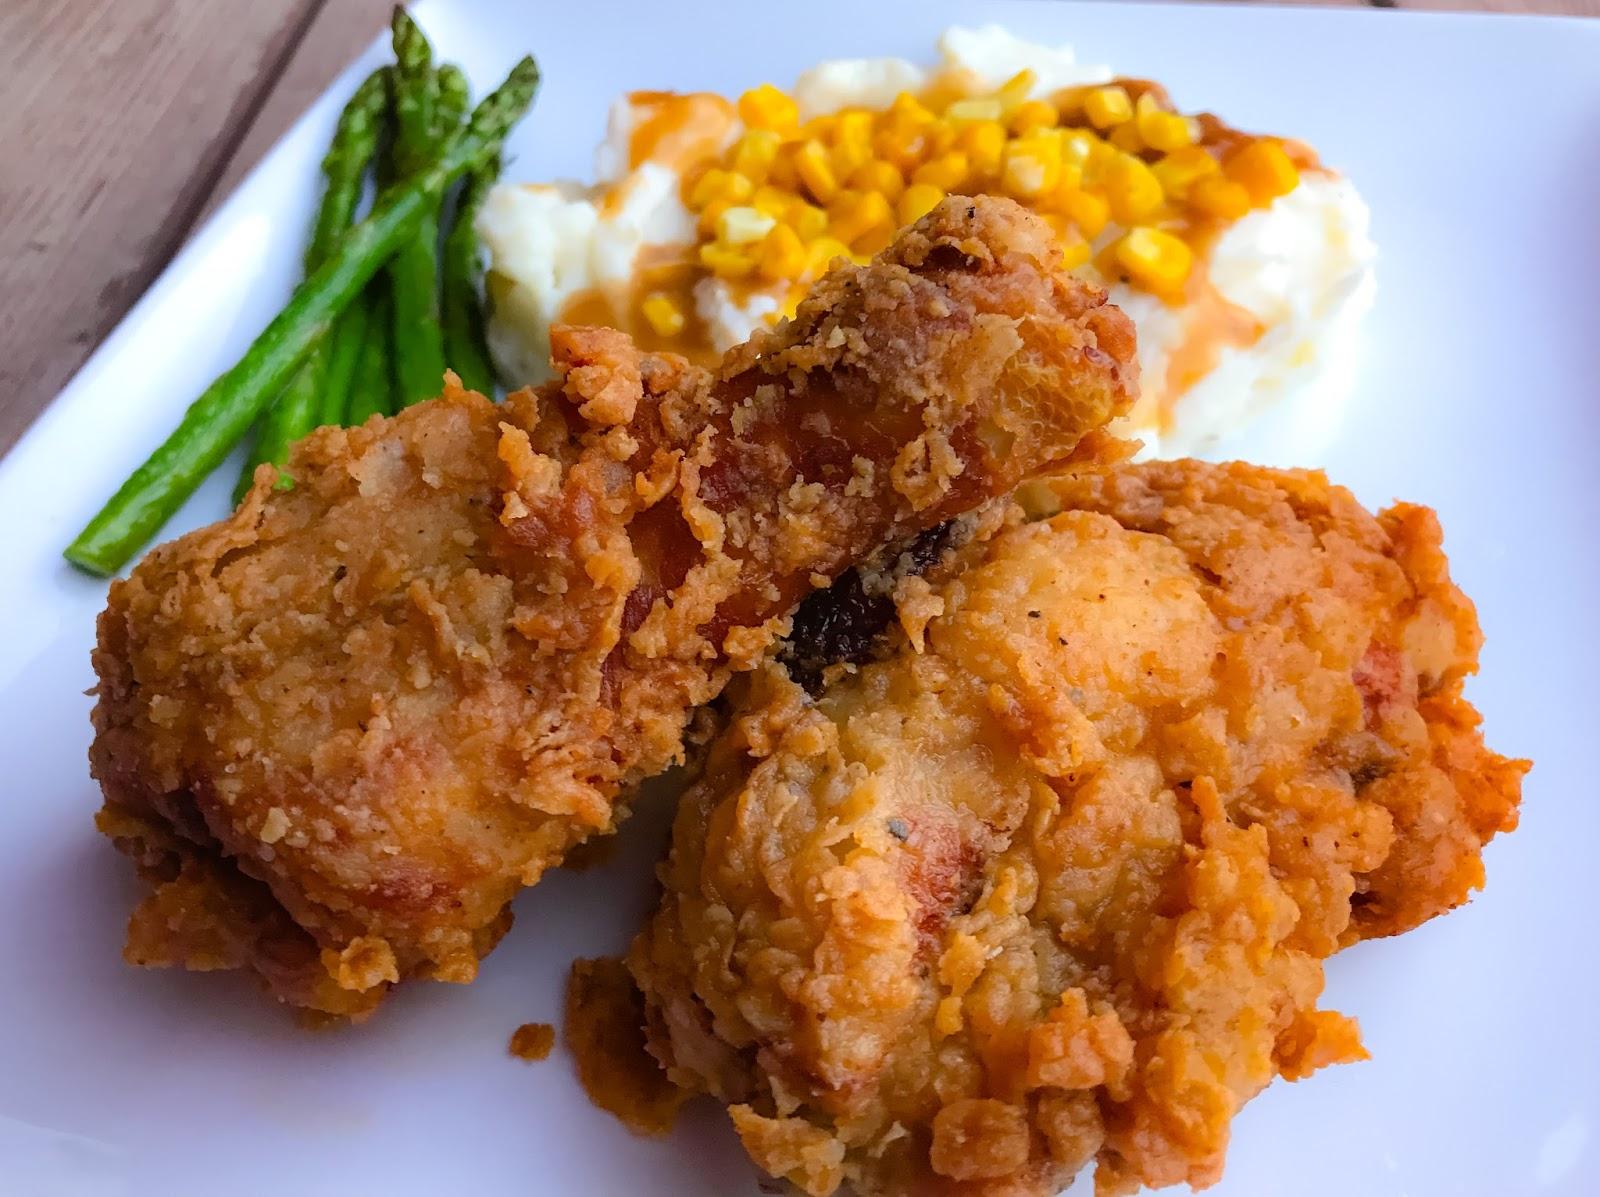 Poulet frit l 39 am ricaine blogs de cuisine - Blog cuisine americaine ...